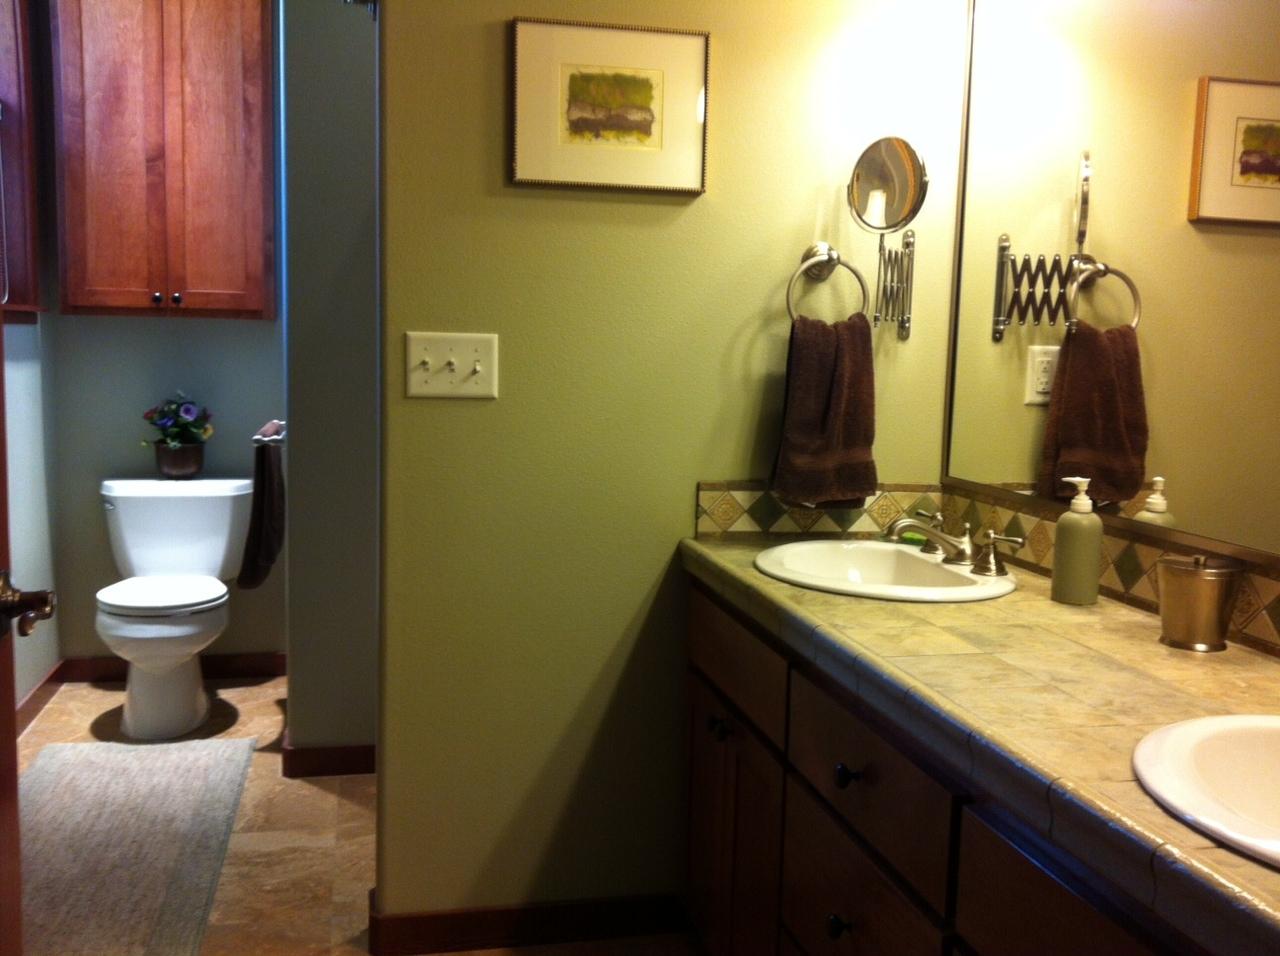 Bathroom Floor To Ceiling Storage : Dream home in ashland oregon